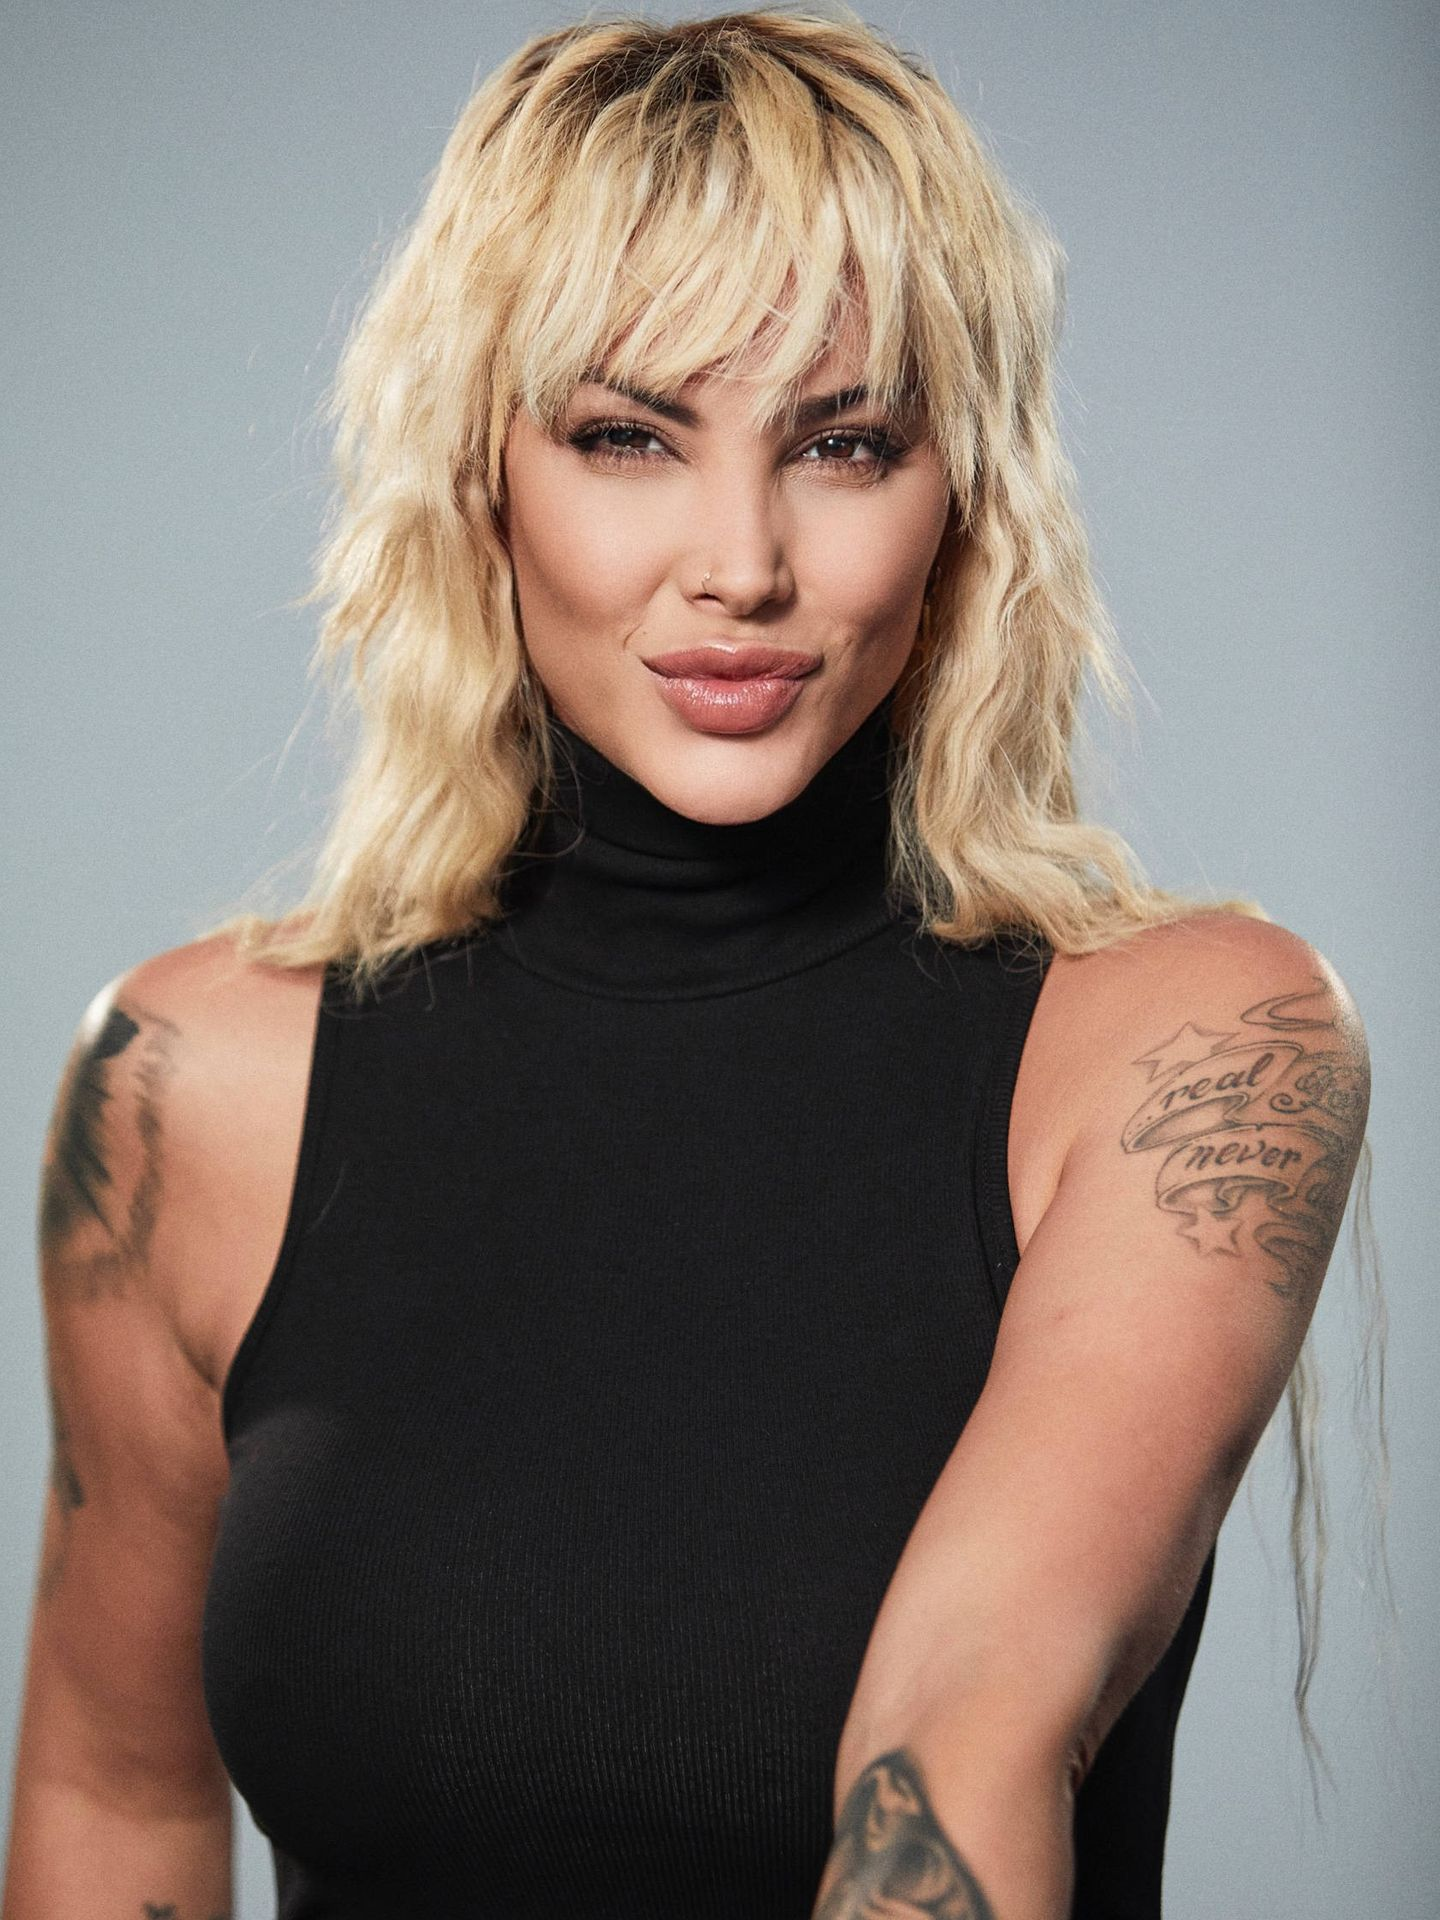 La actriz, en otra imagen de la sesión.    Peluquería de Dani Zúñiga y maquillaje de Pol Guarné para Corta Cabeza Creative Team (Foto: Q & Cumber)